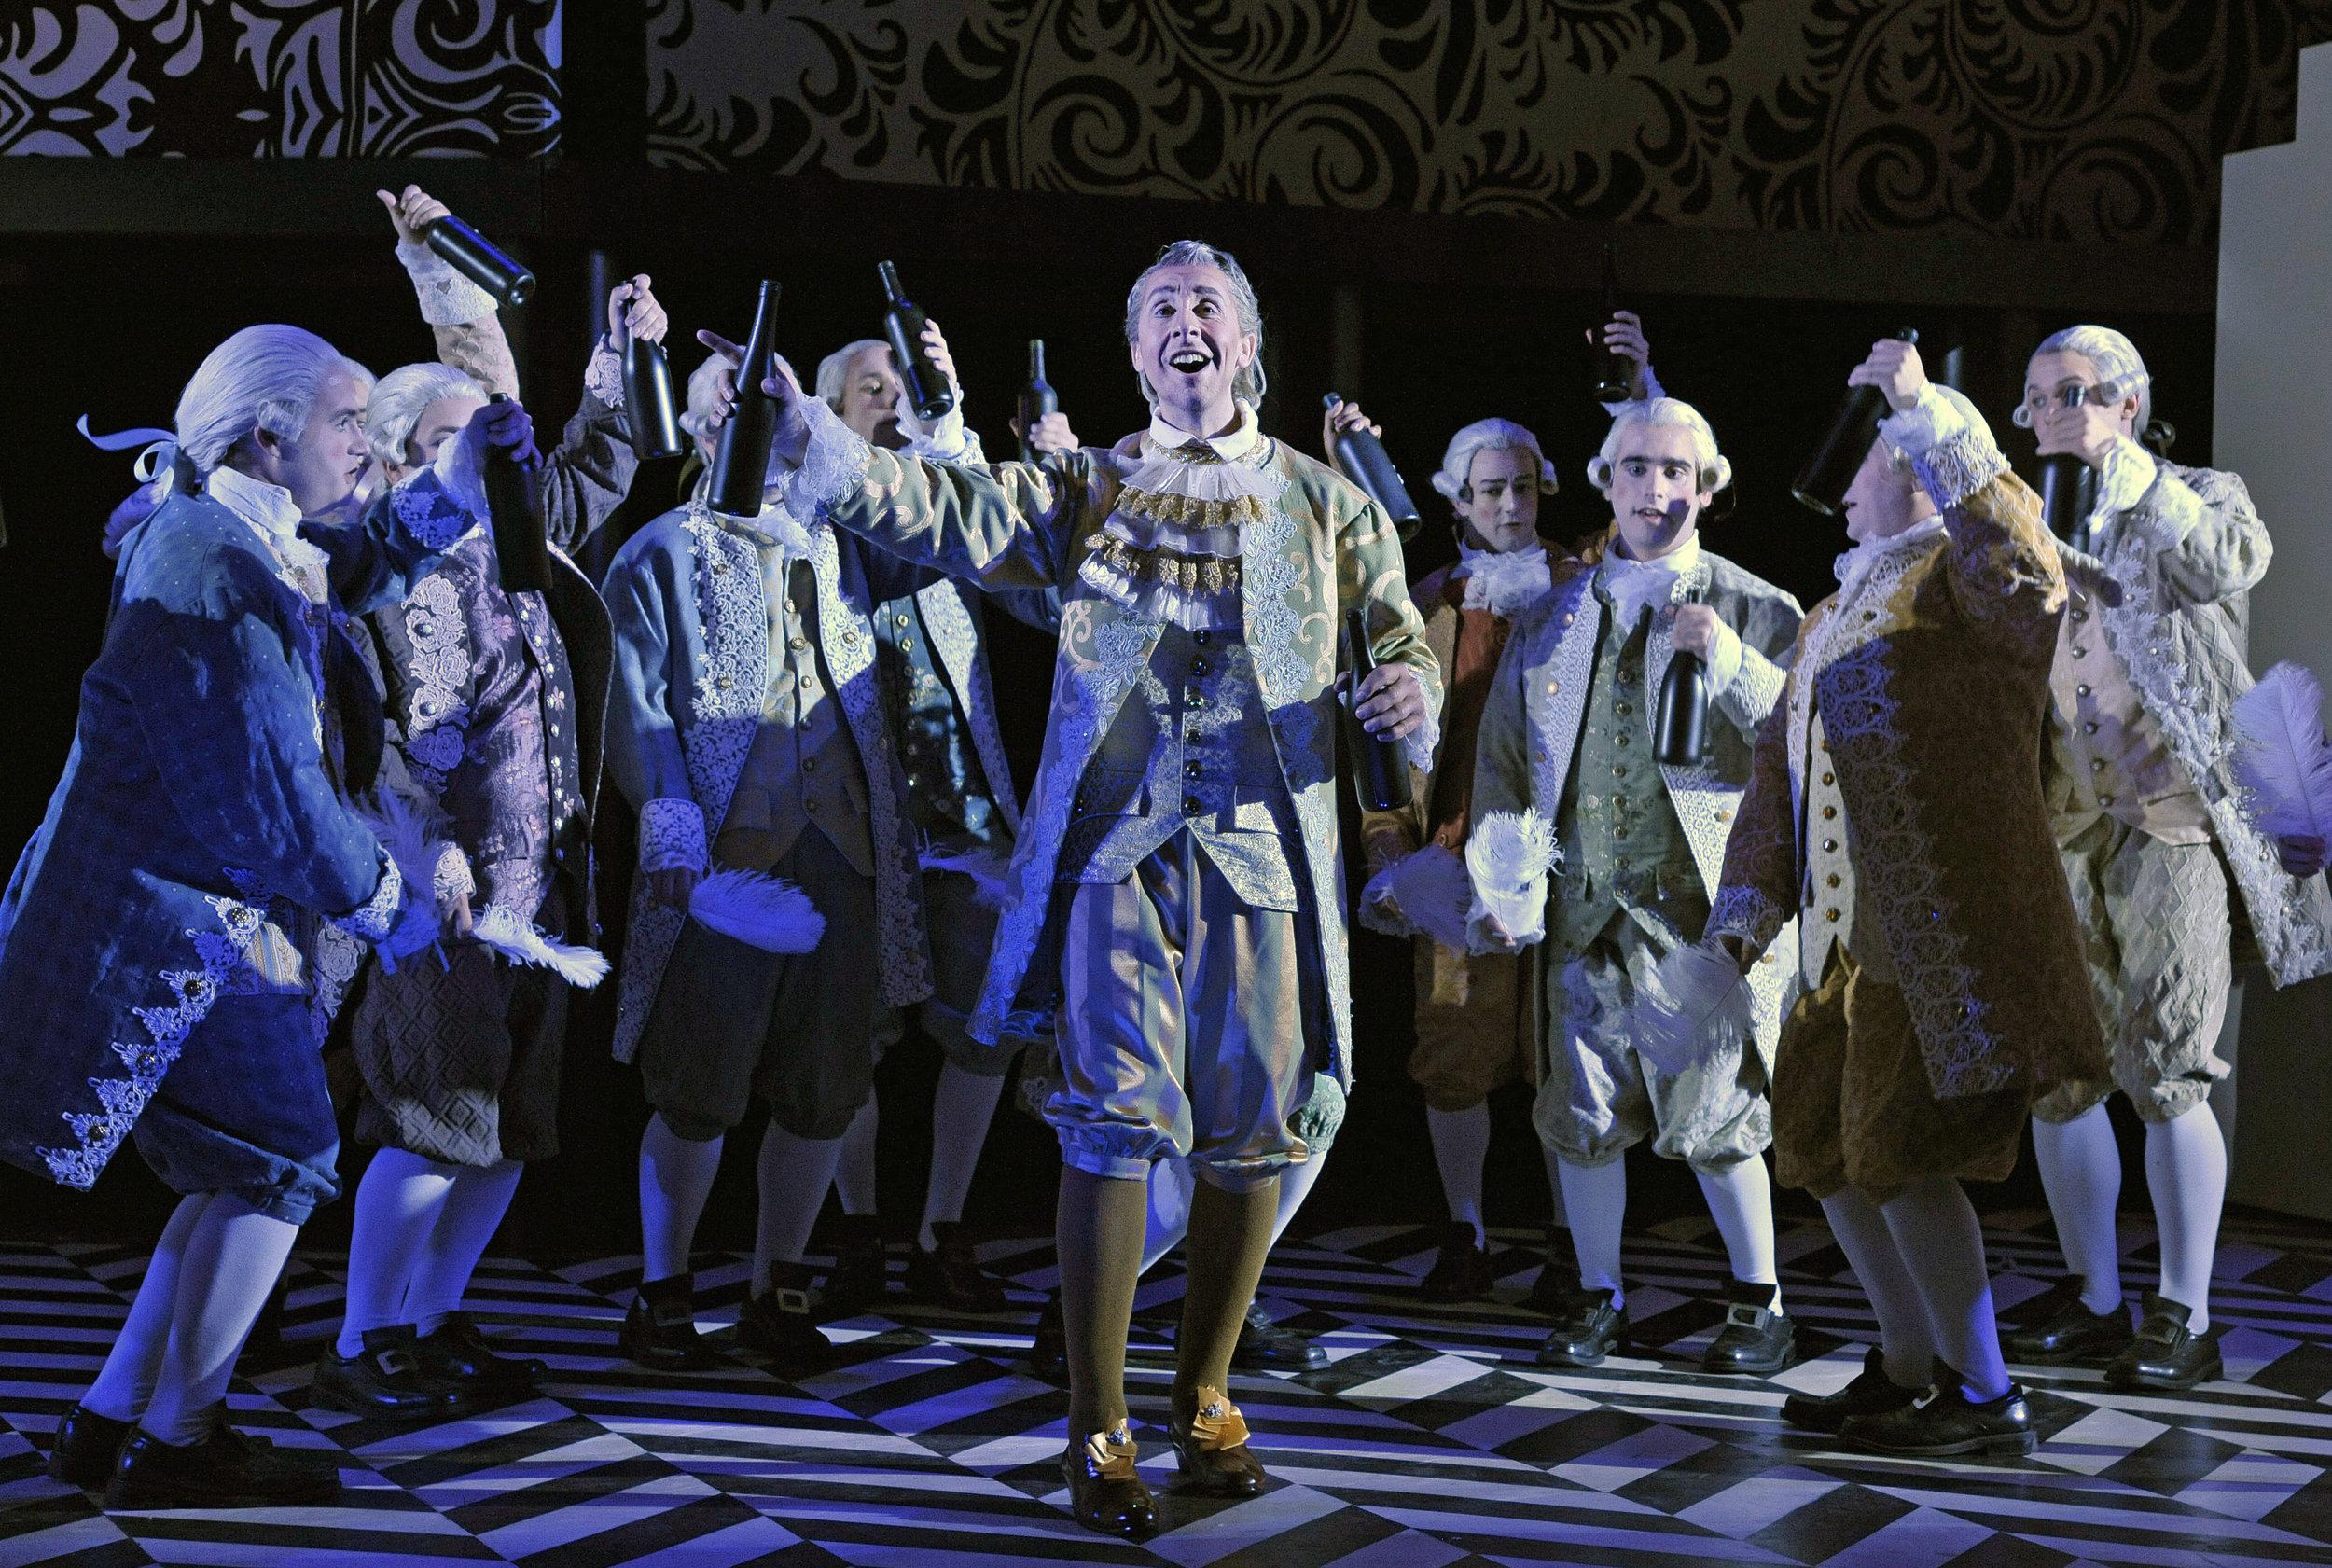 Opera_Saratoga_GG28190.jpg